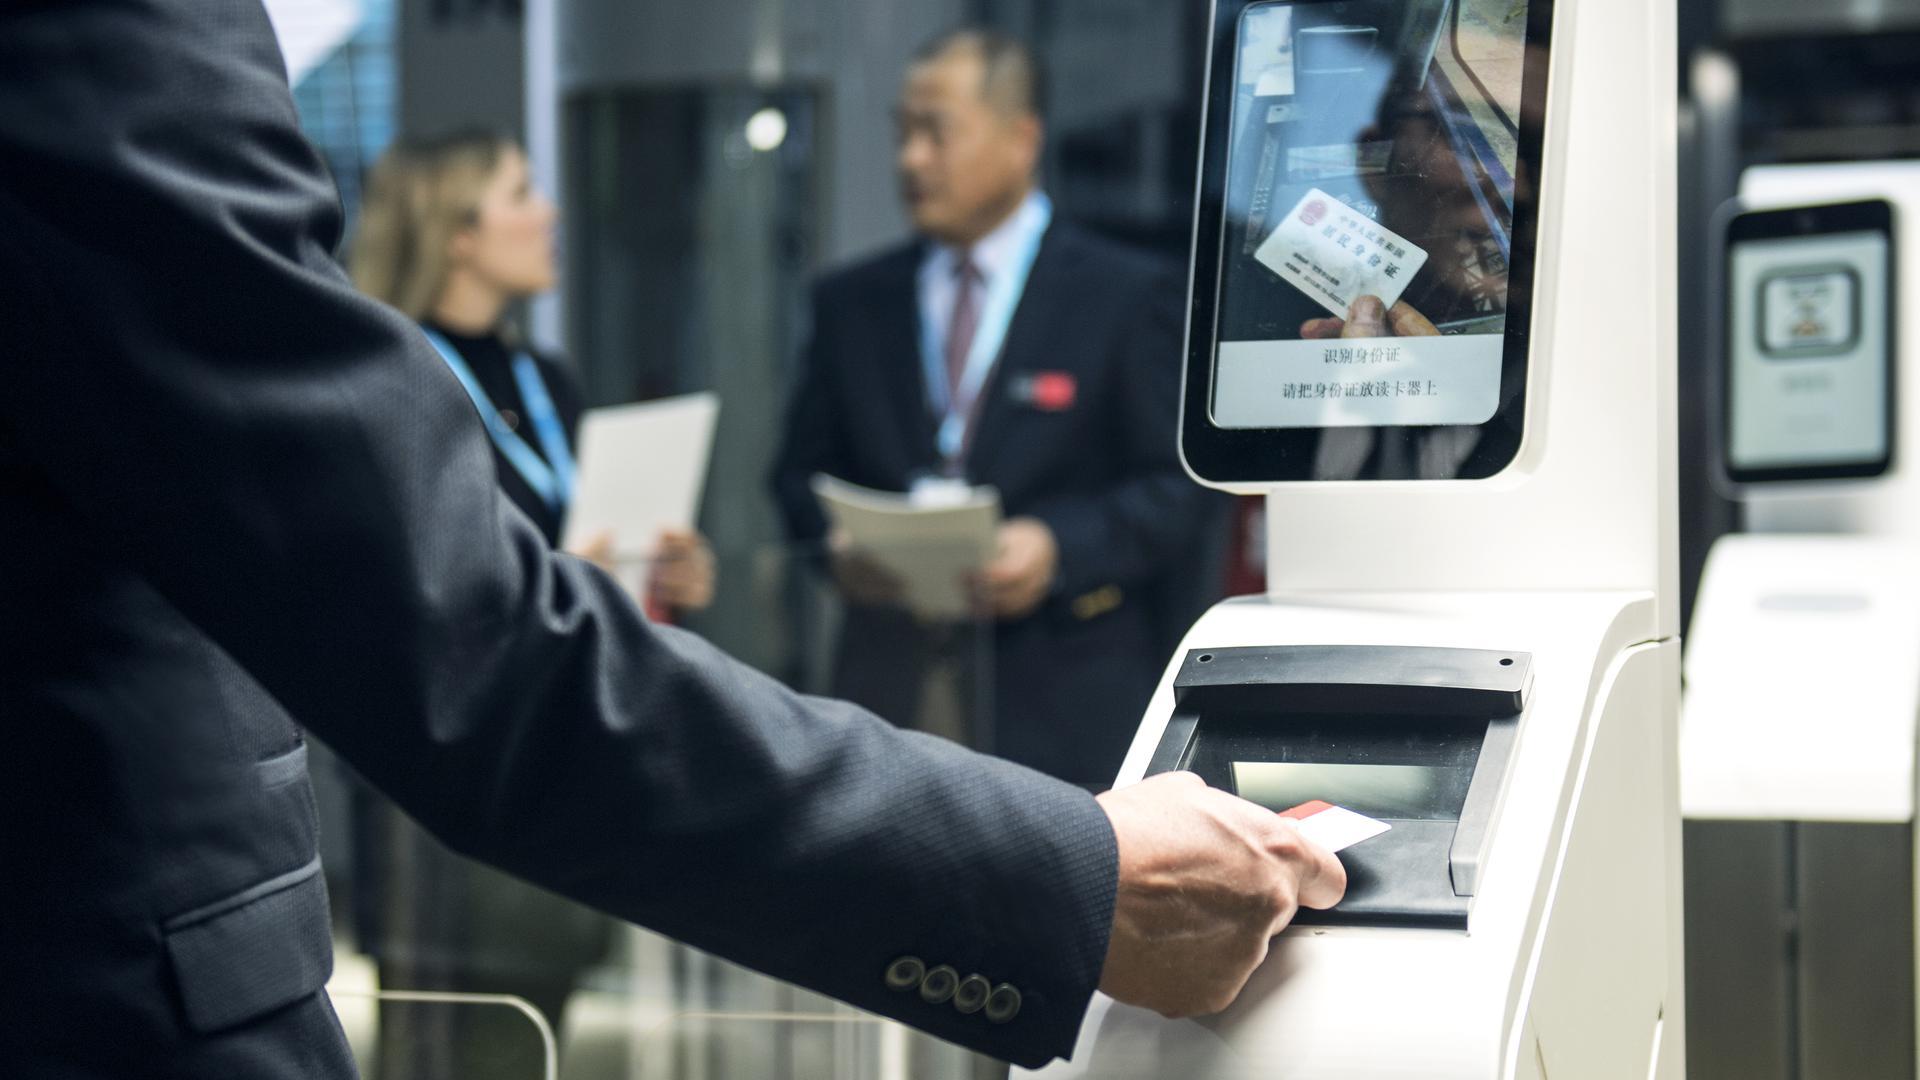 An einem Kontrollsystem aus dem Portfolio der  Firma Cambaum wird die Identität eines Passagiers geprüft.